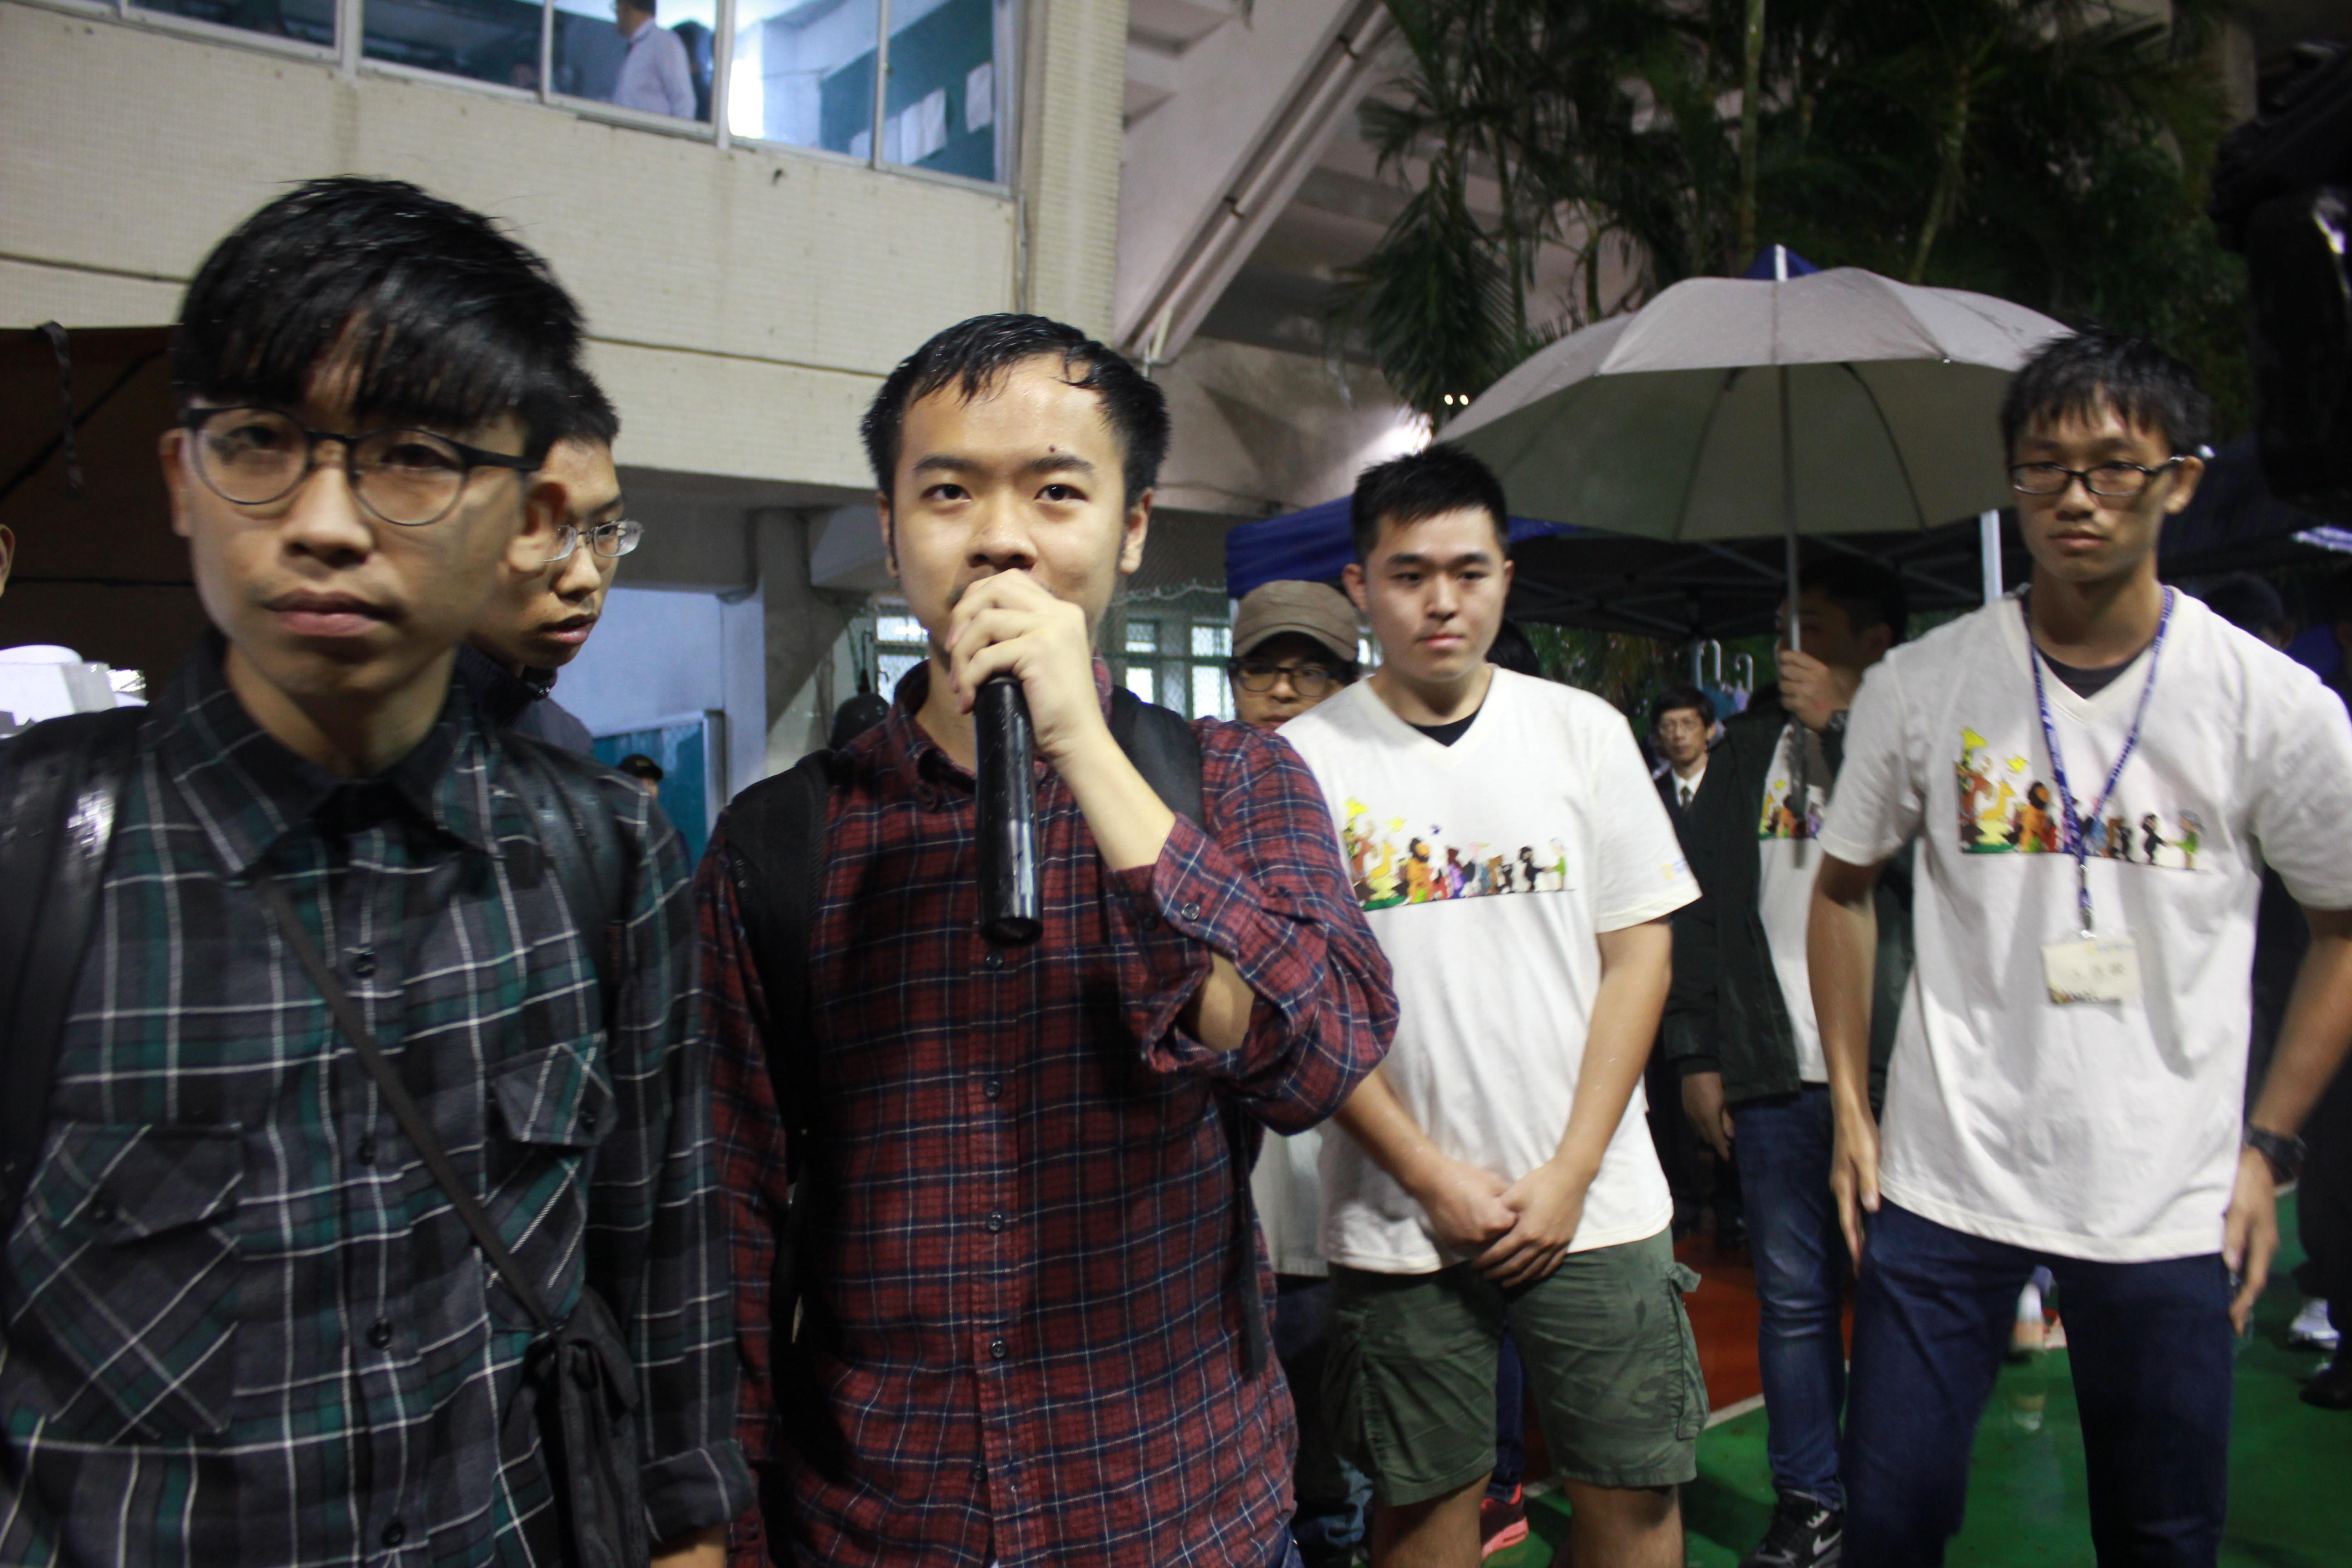 青年在会场外反砍假,彩立方平台仍无回应。(摄影:张宗坤)